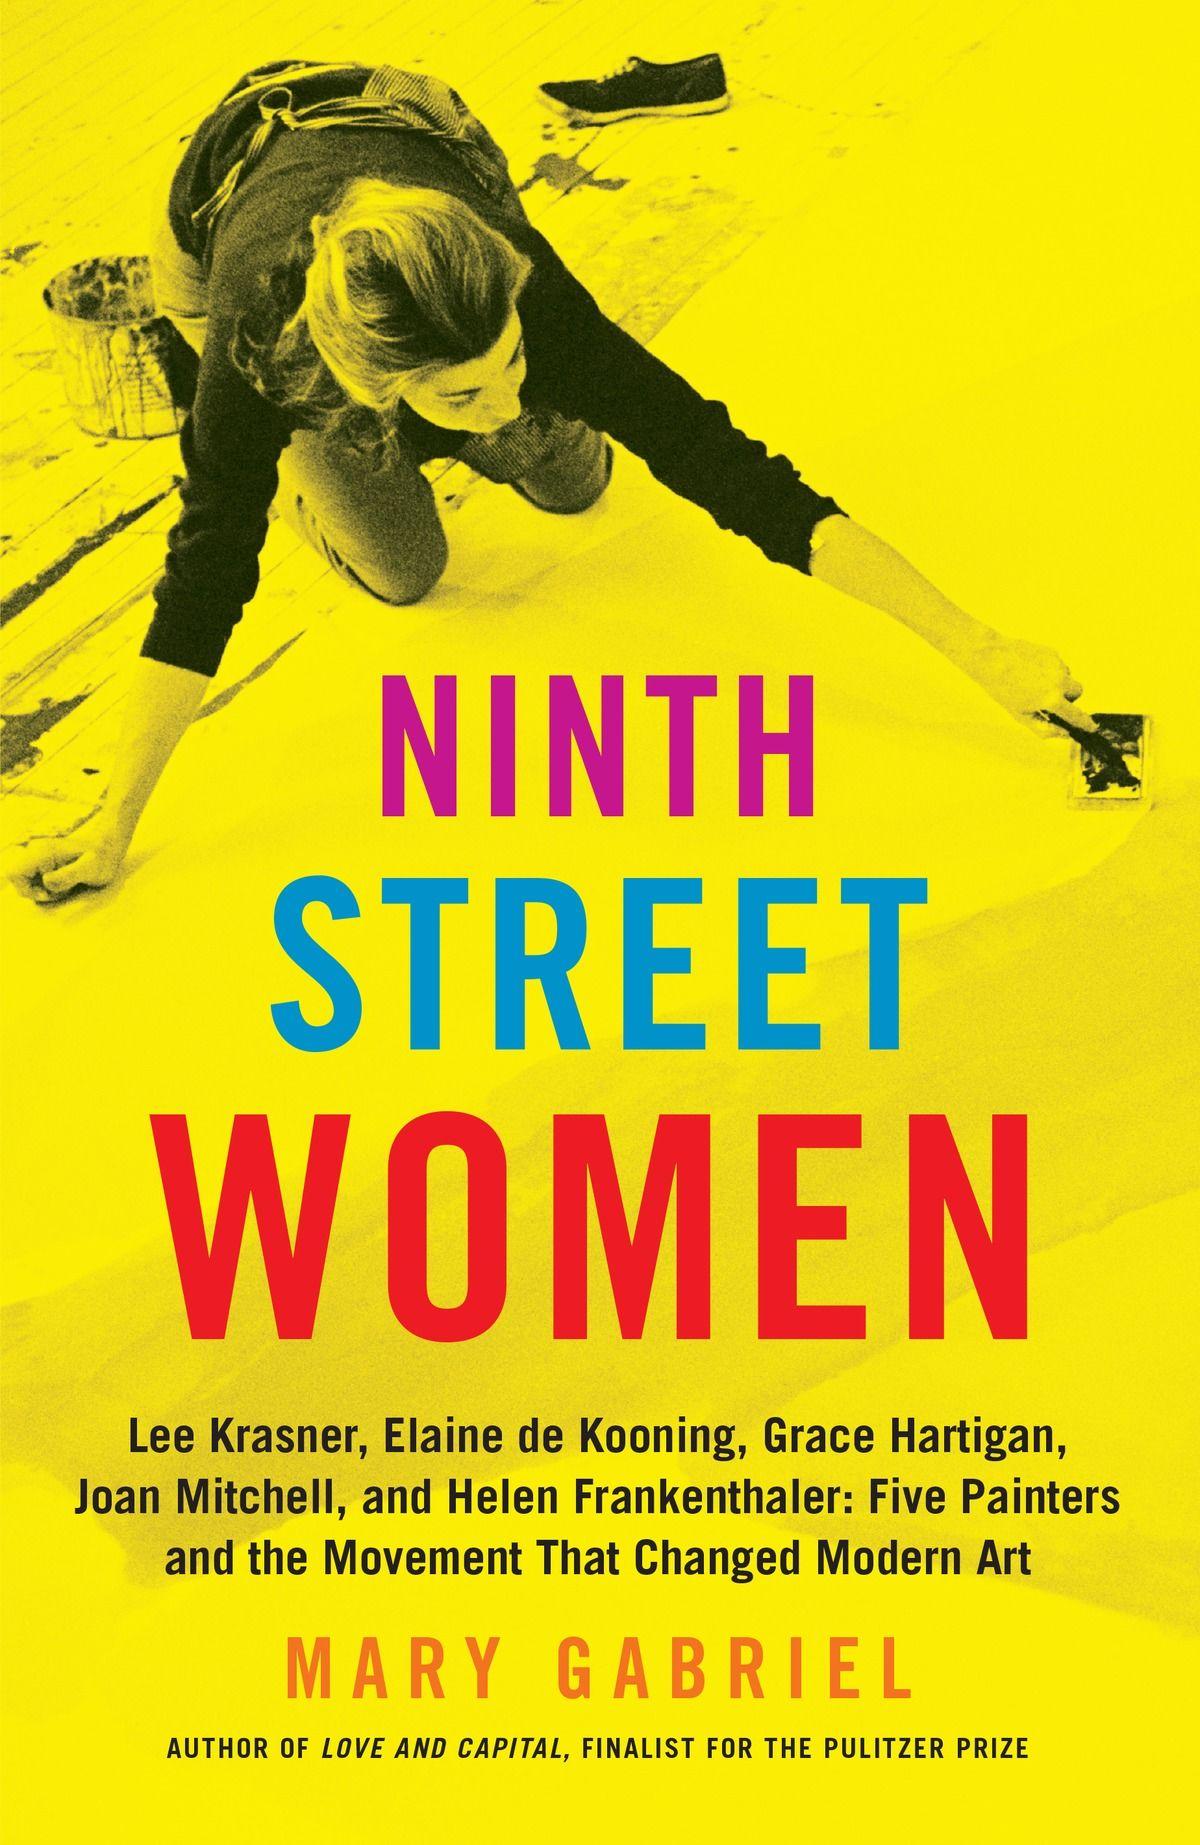 Mary Gabriel - Ninth Street Women